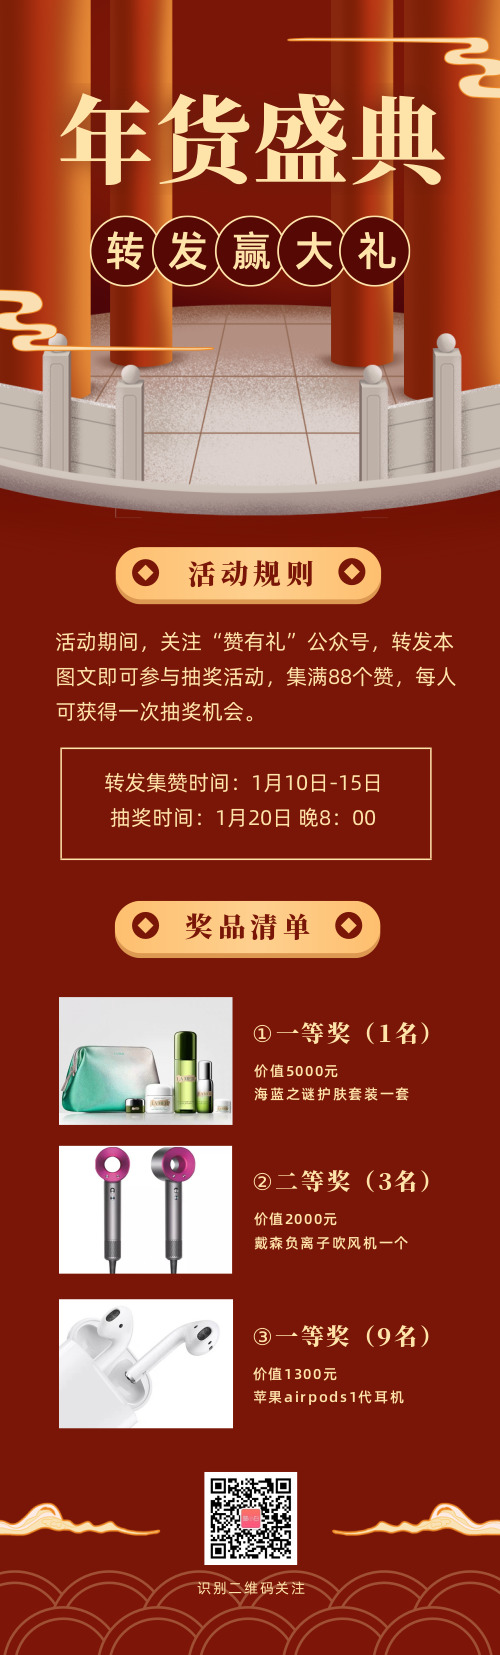 中国风春节新年年货节转发抽奖长图海报